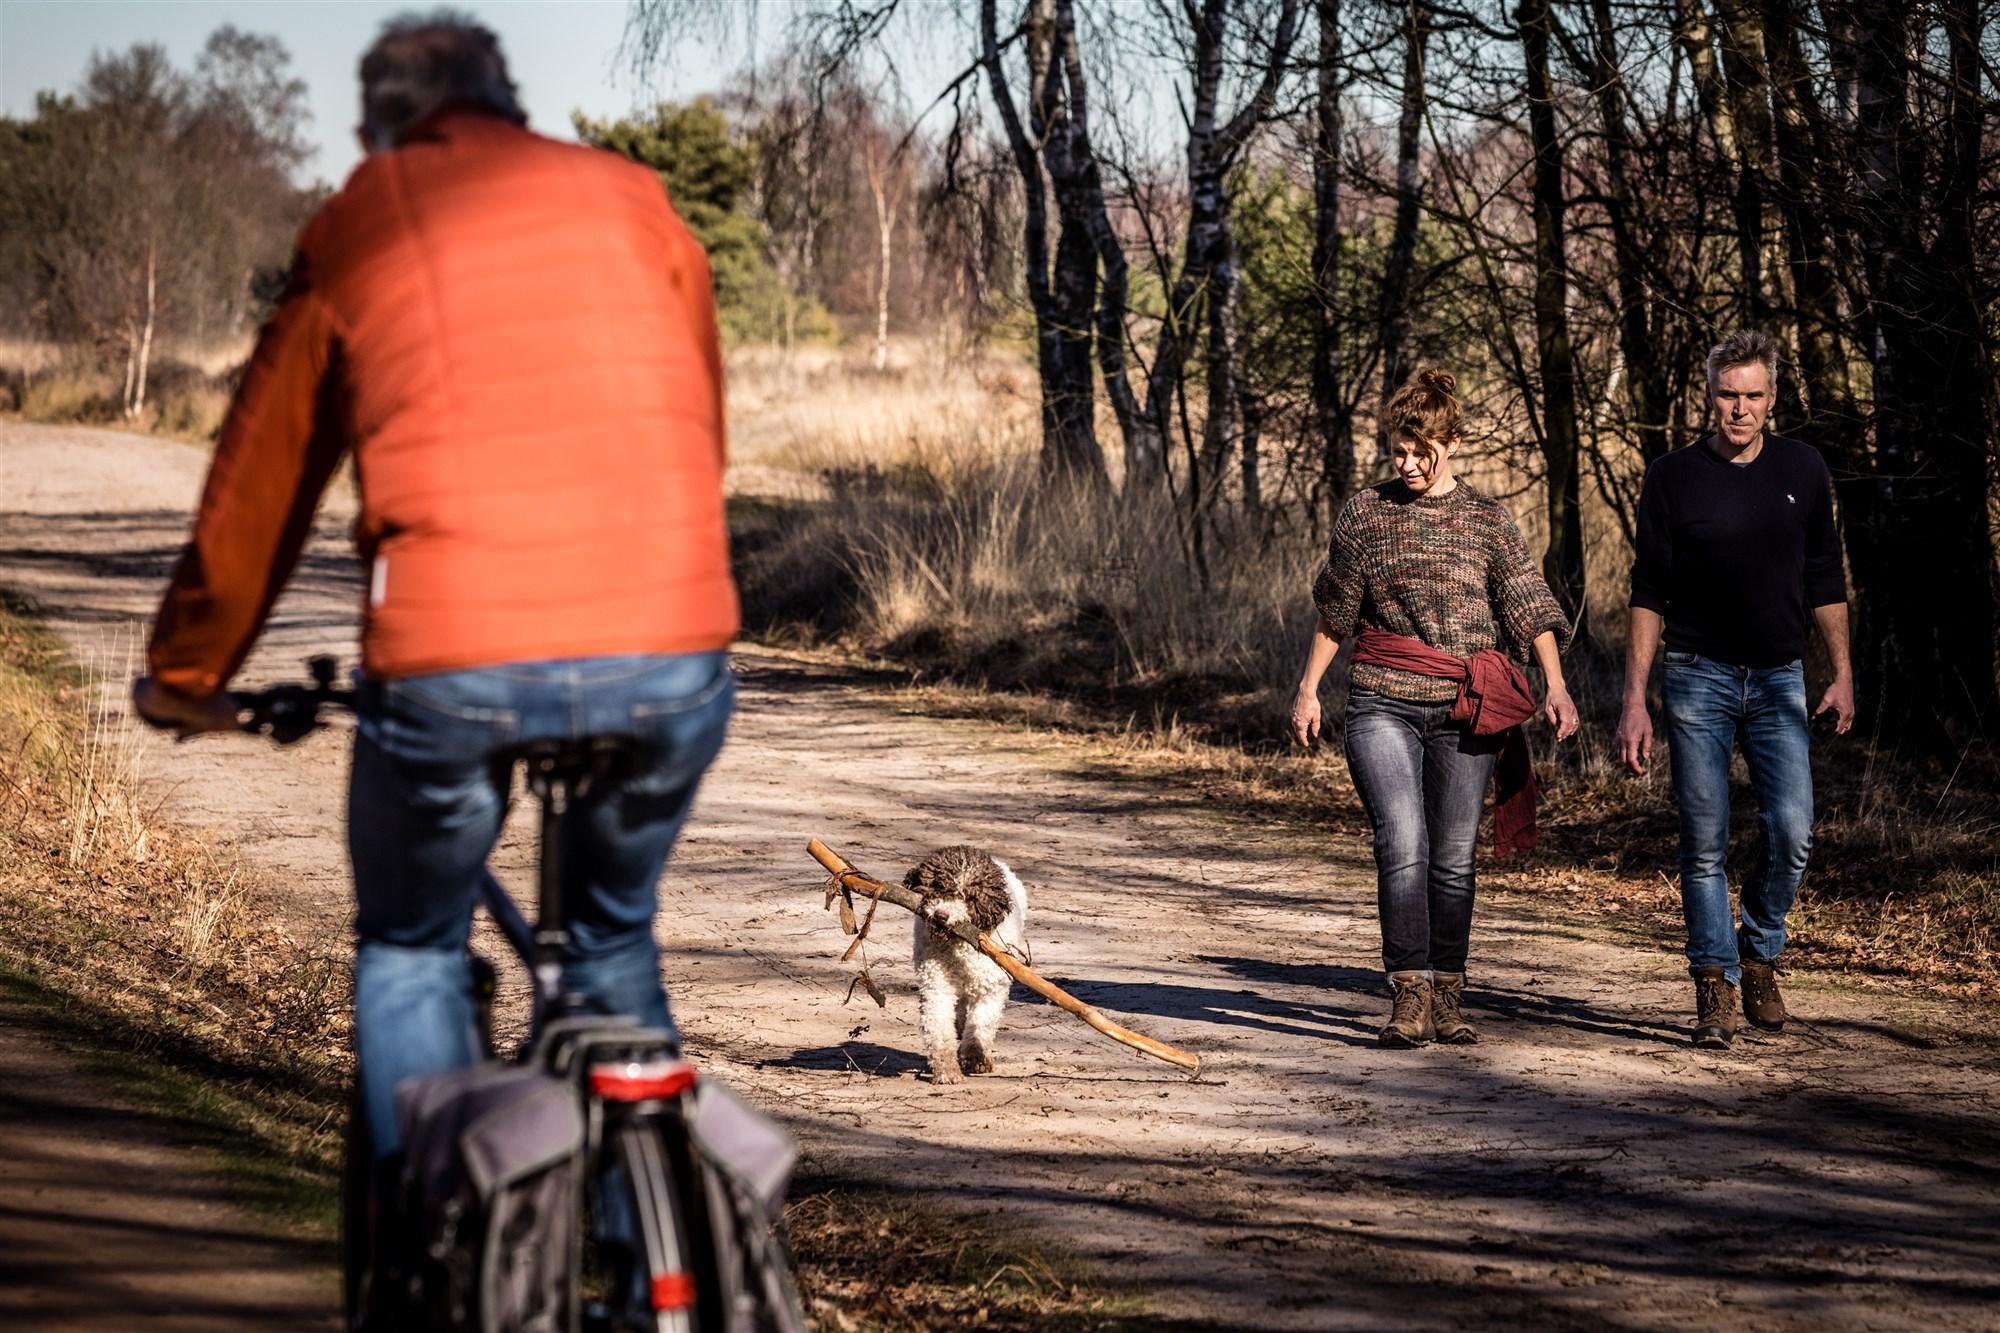 hond uitlaten vrij zonder riem losloopgebied los lopen hond ermelo harderwijk putten